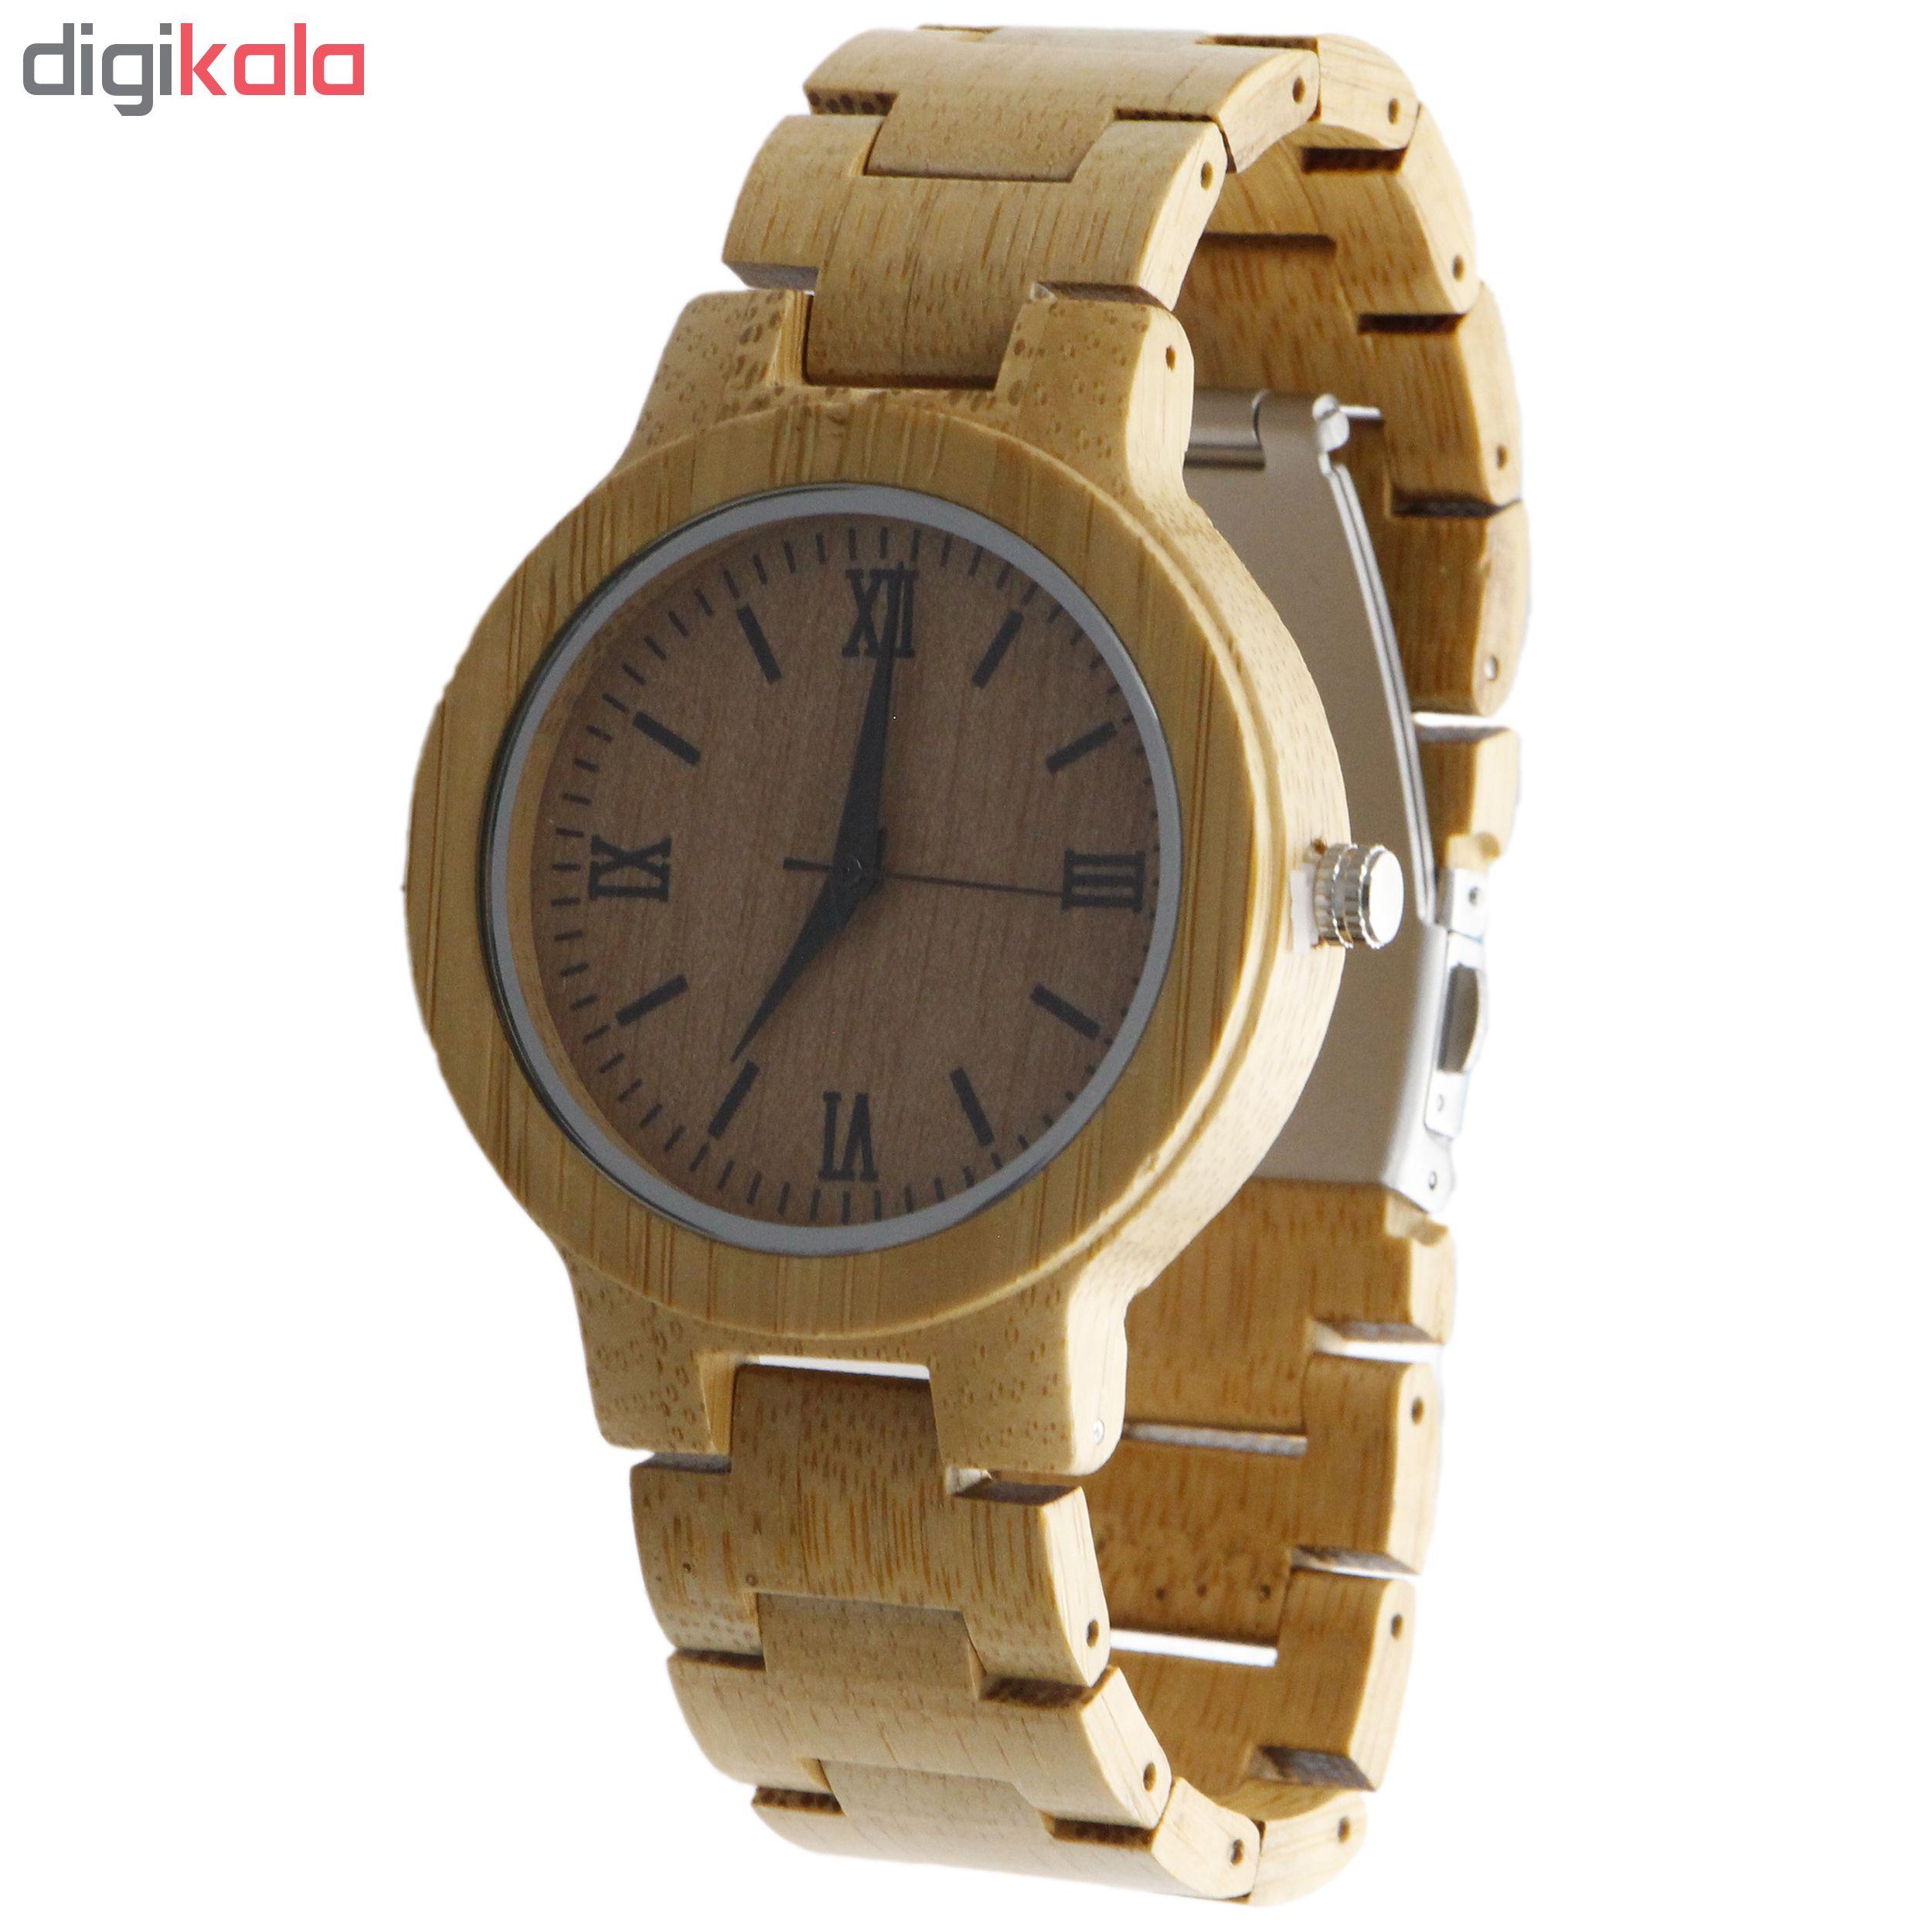 خرید ساعت مچی چوبی عقربه ای - کد BMK27